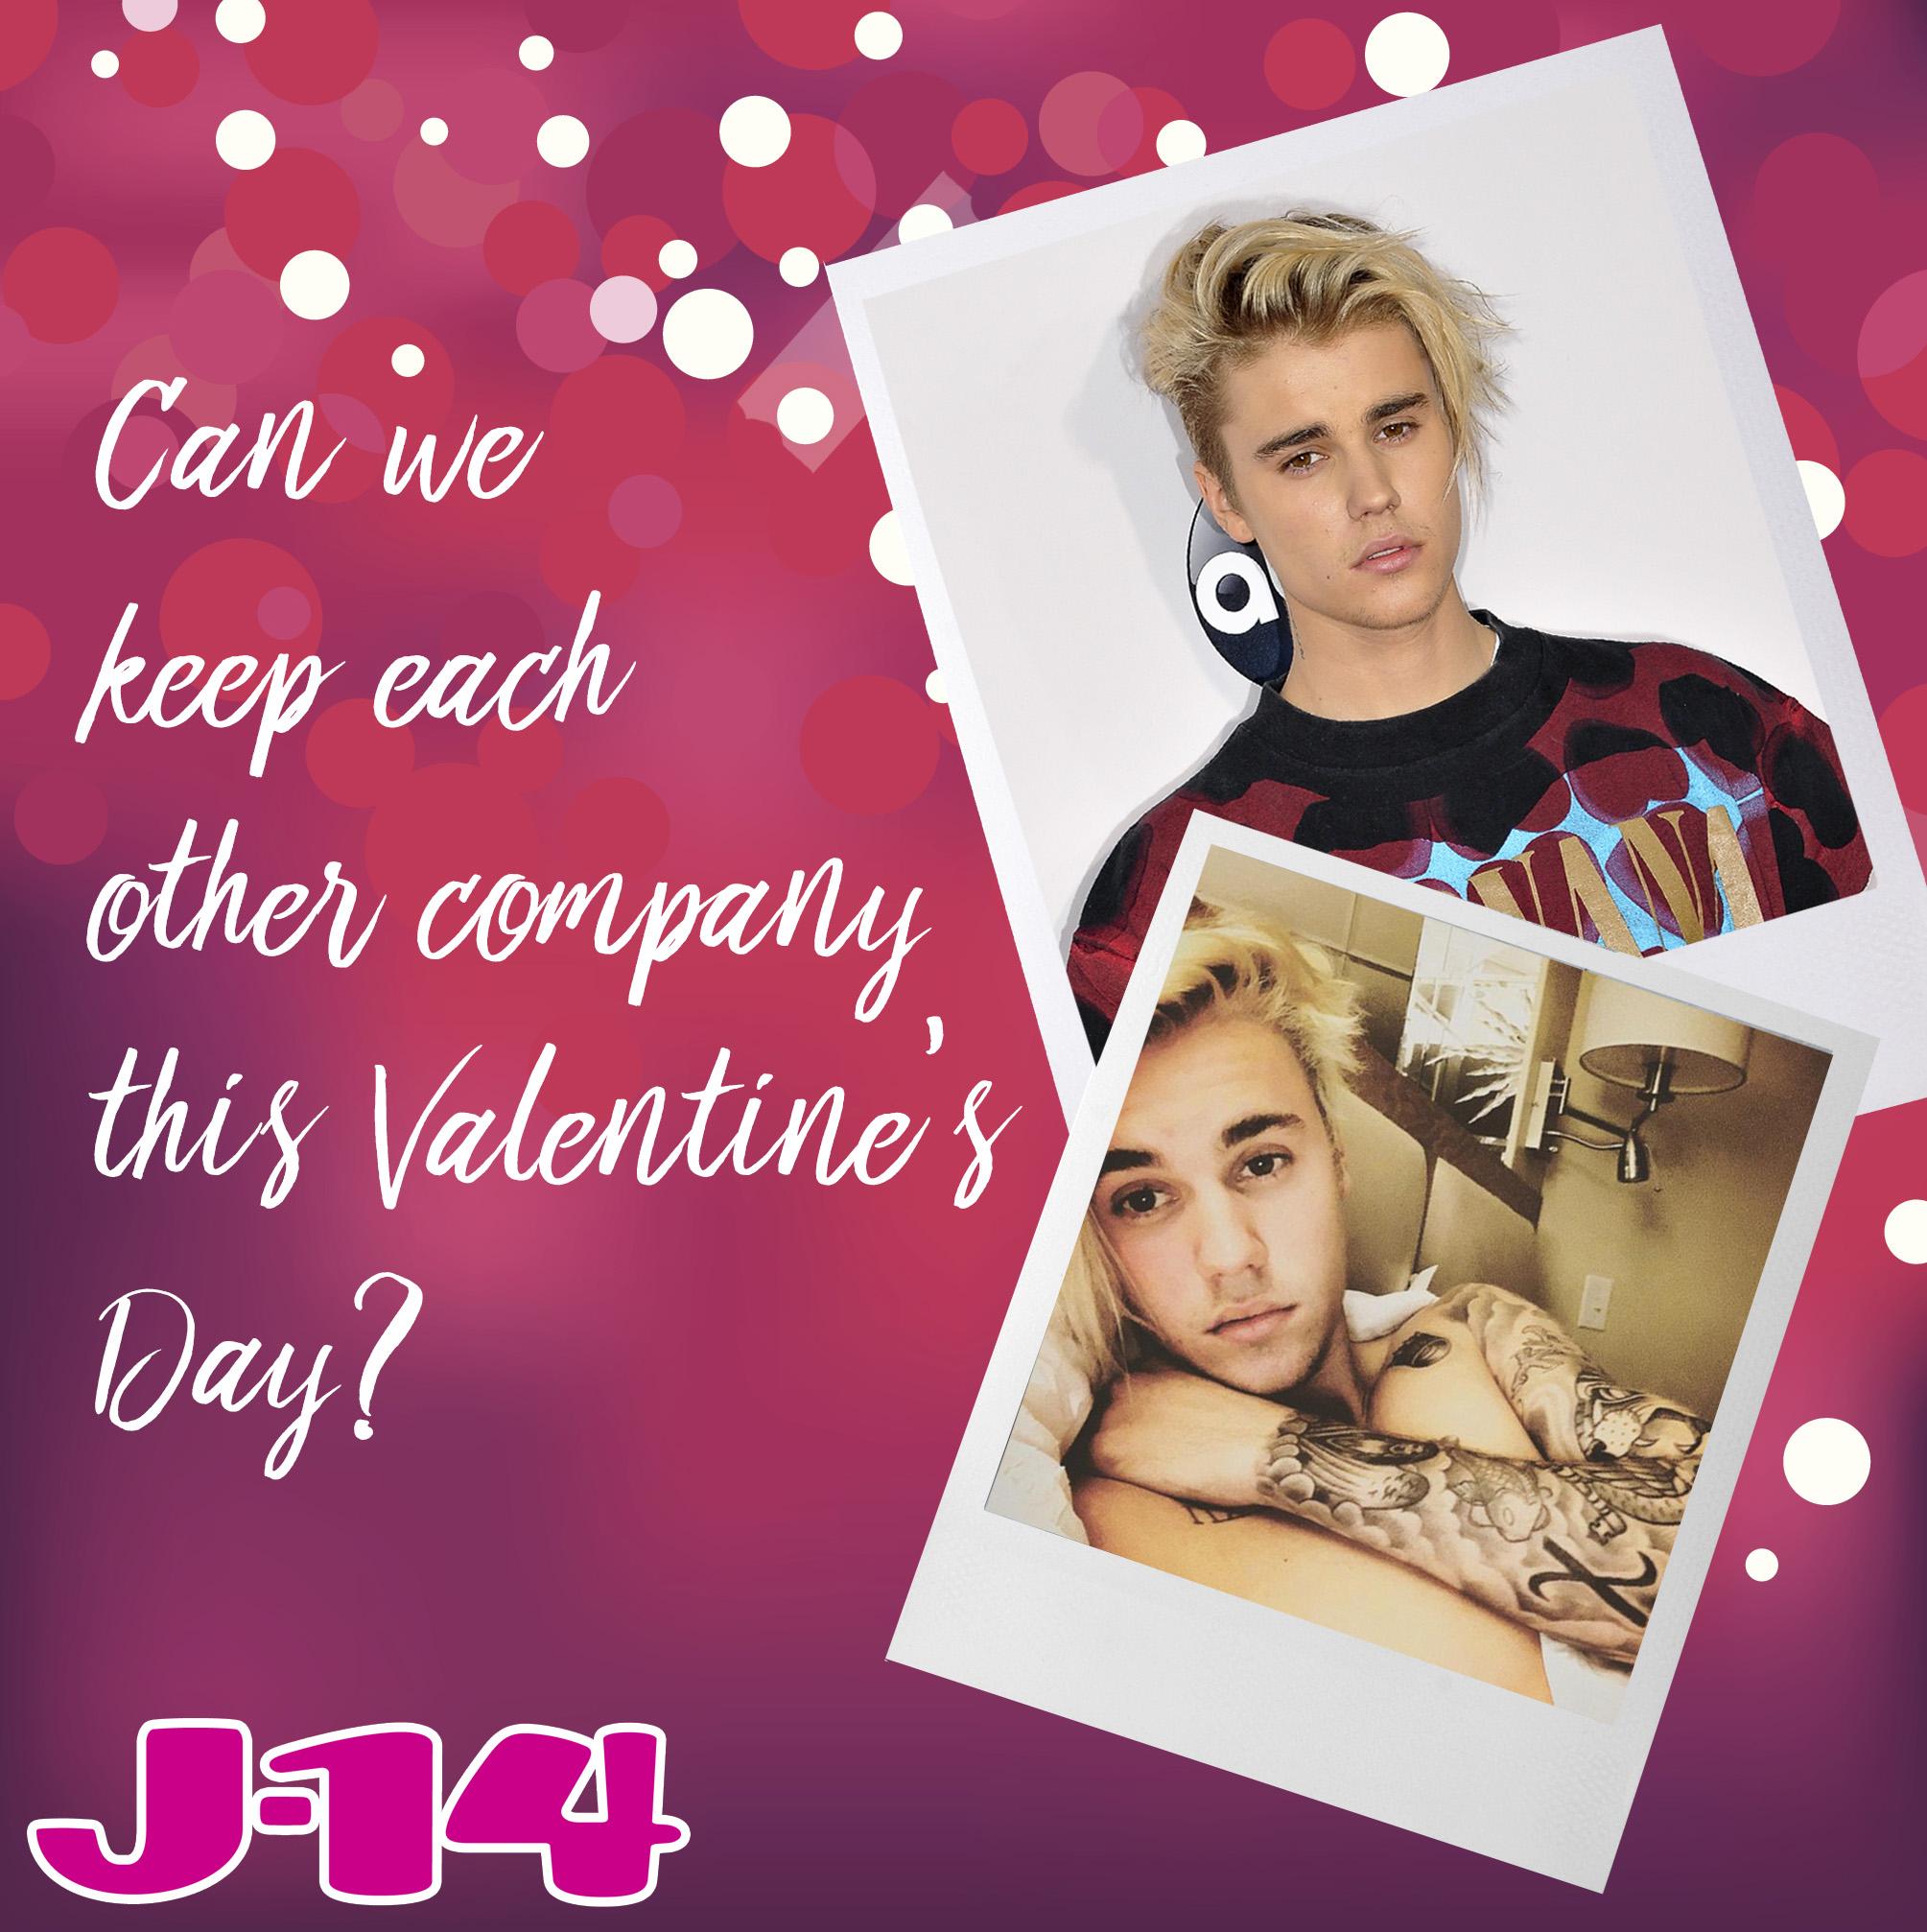 justin-bieber-valentines-day-card